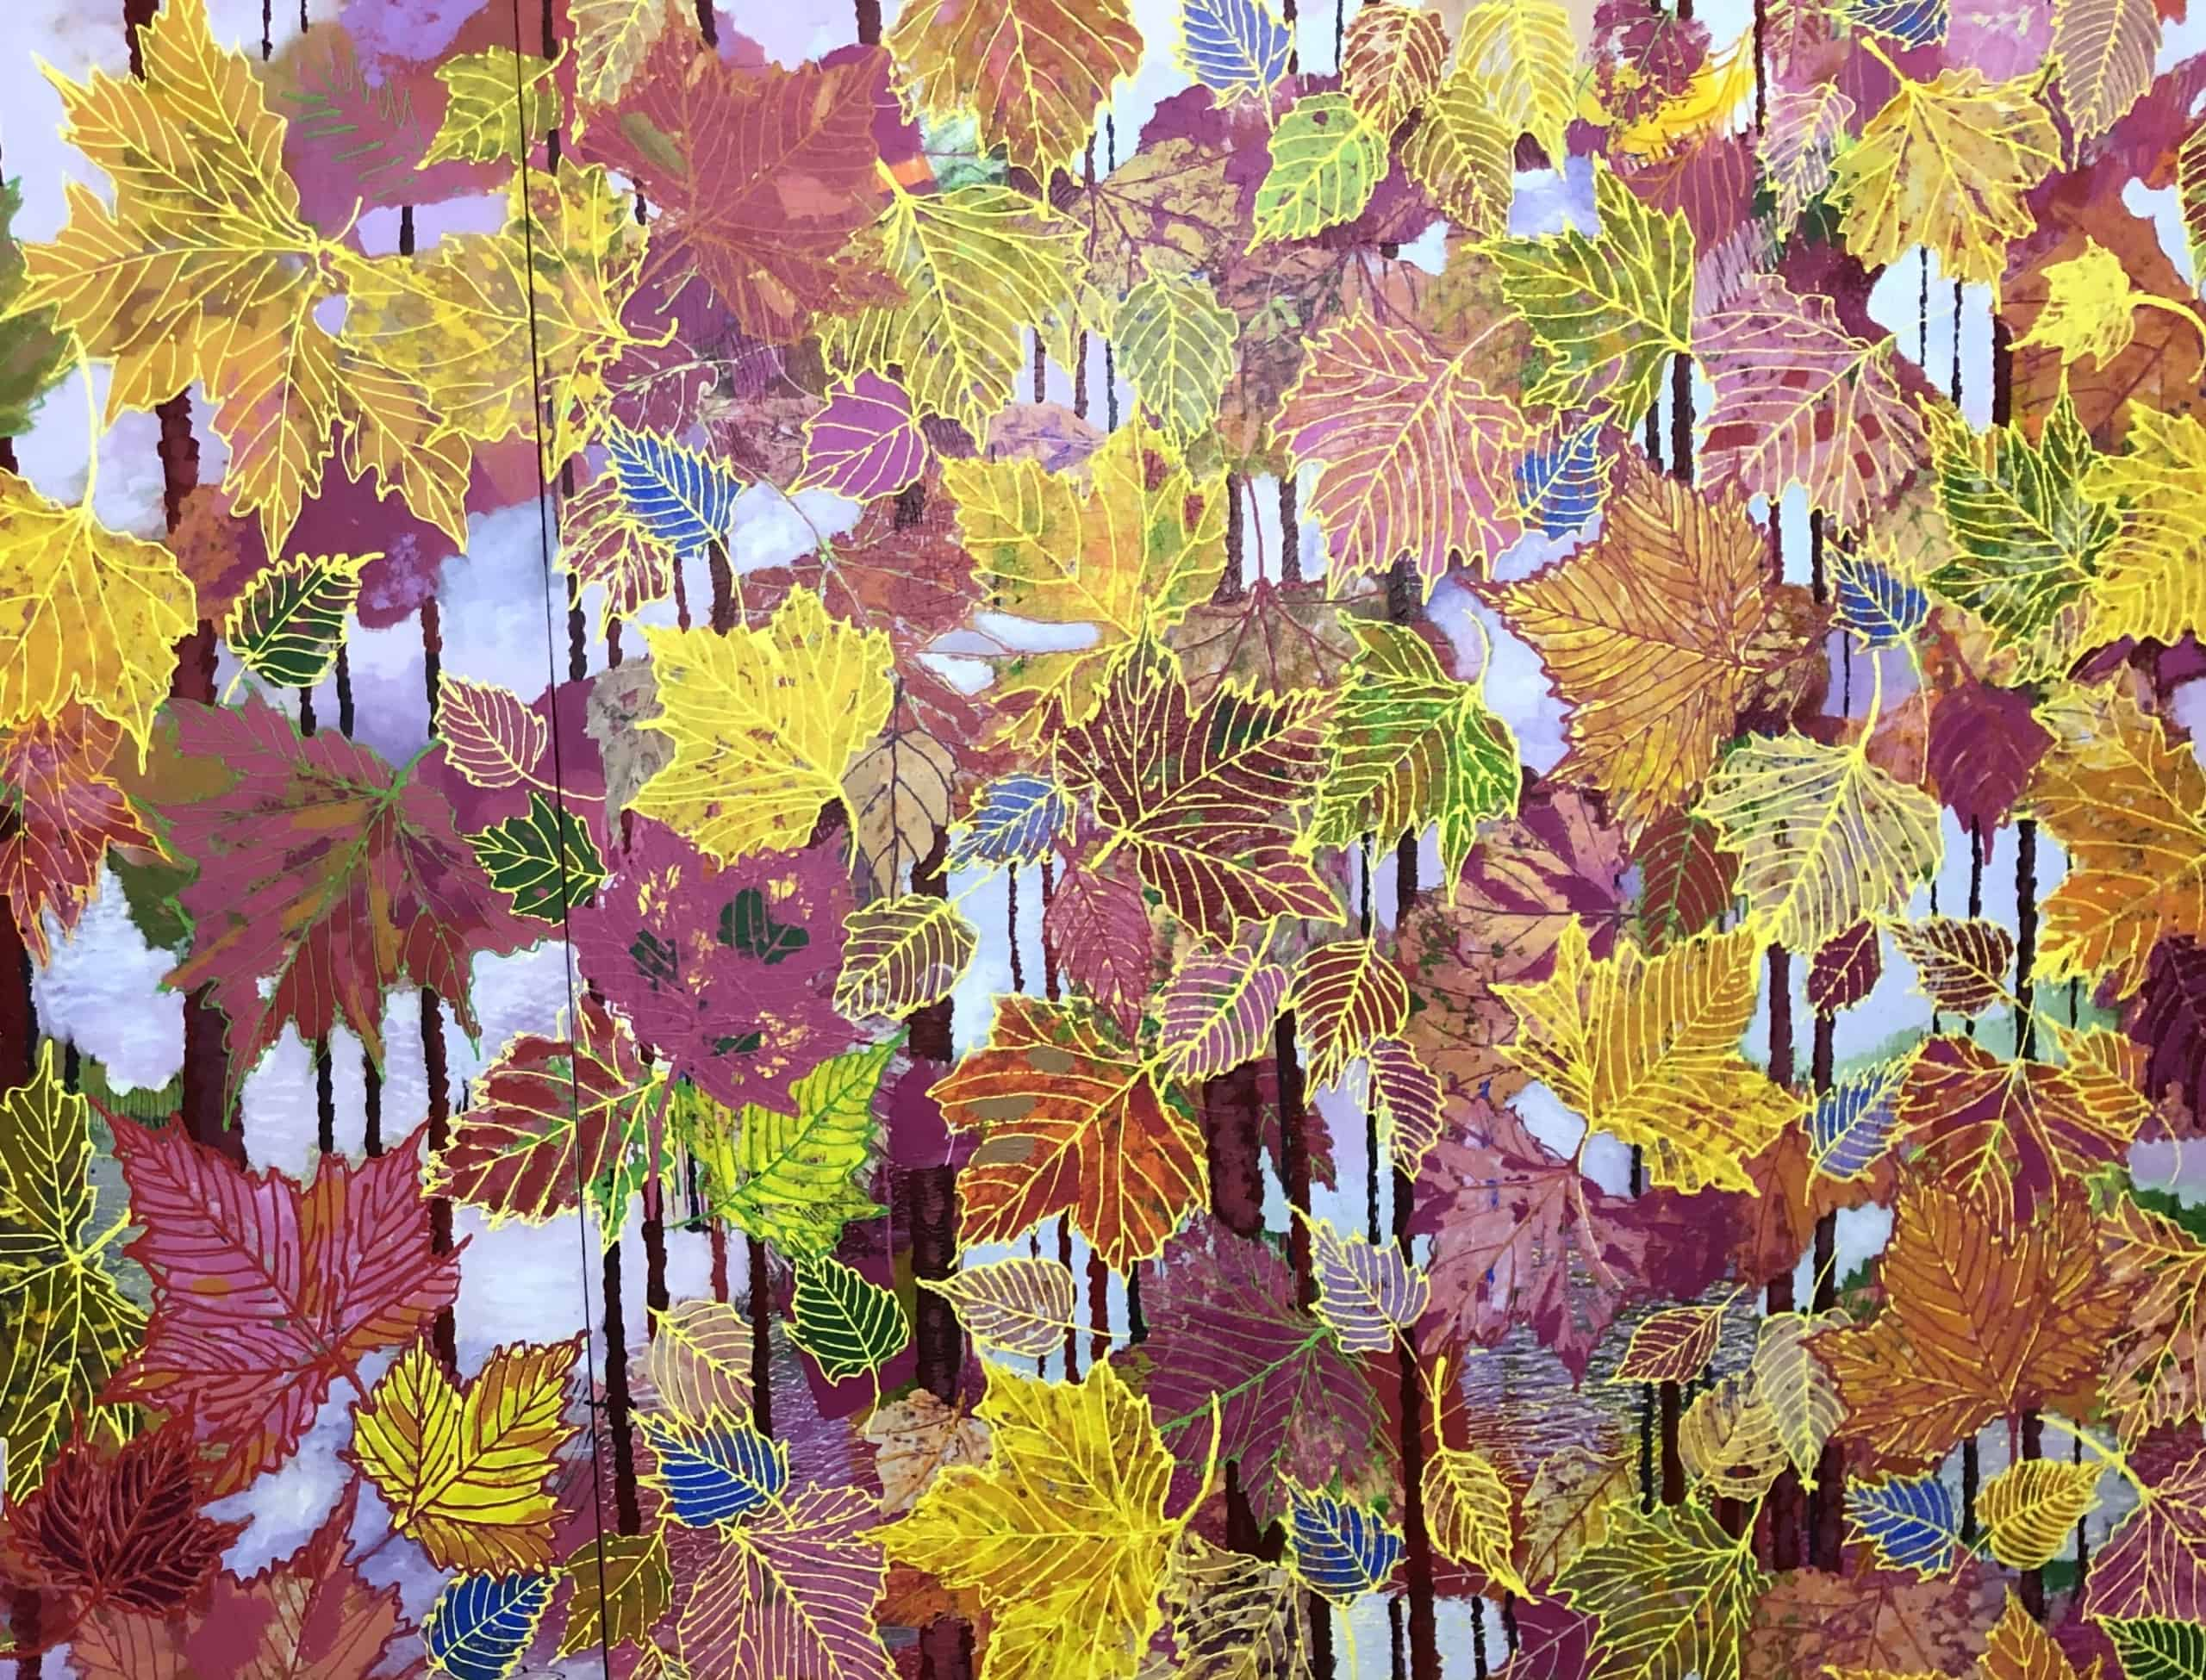 f7-autumn2019#4triptych-detail (1)